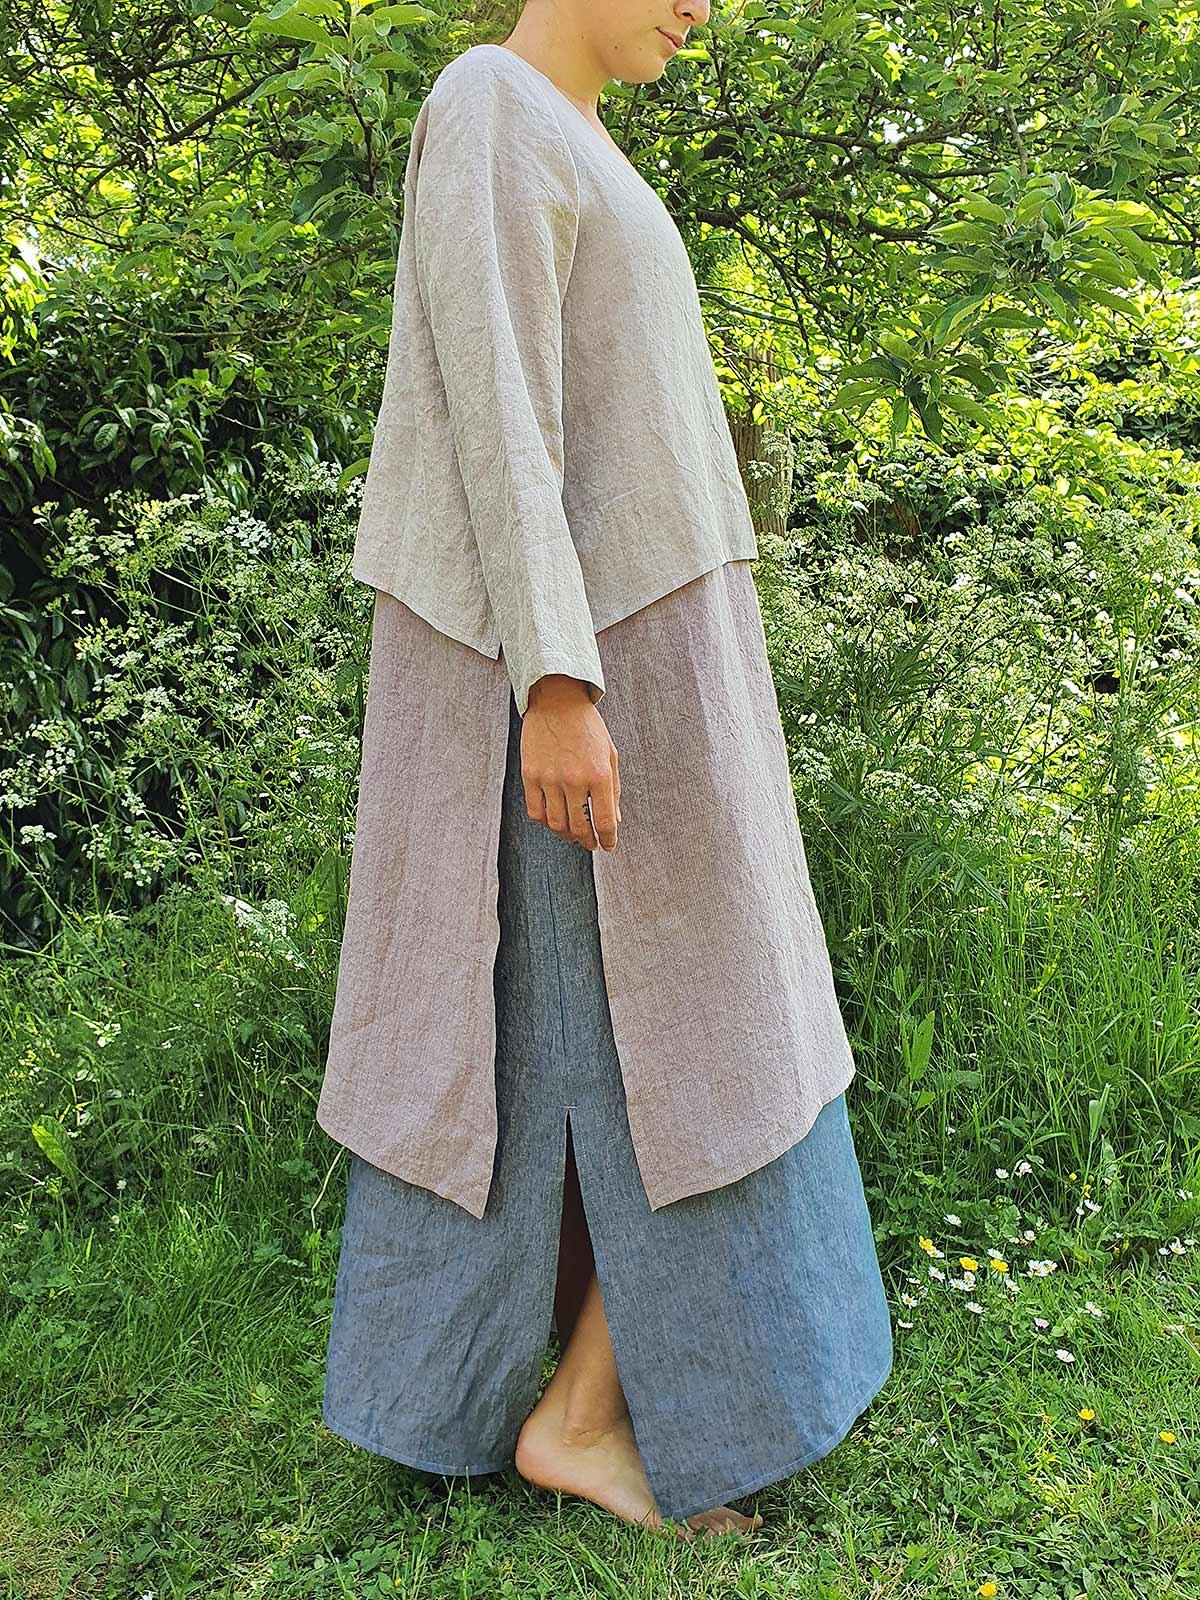 girl wearing dress in garden